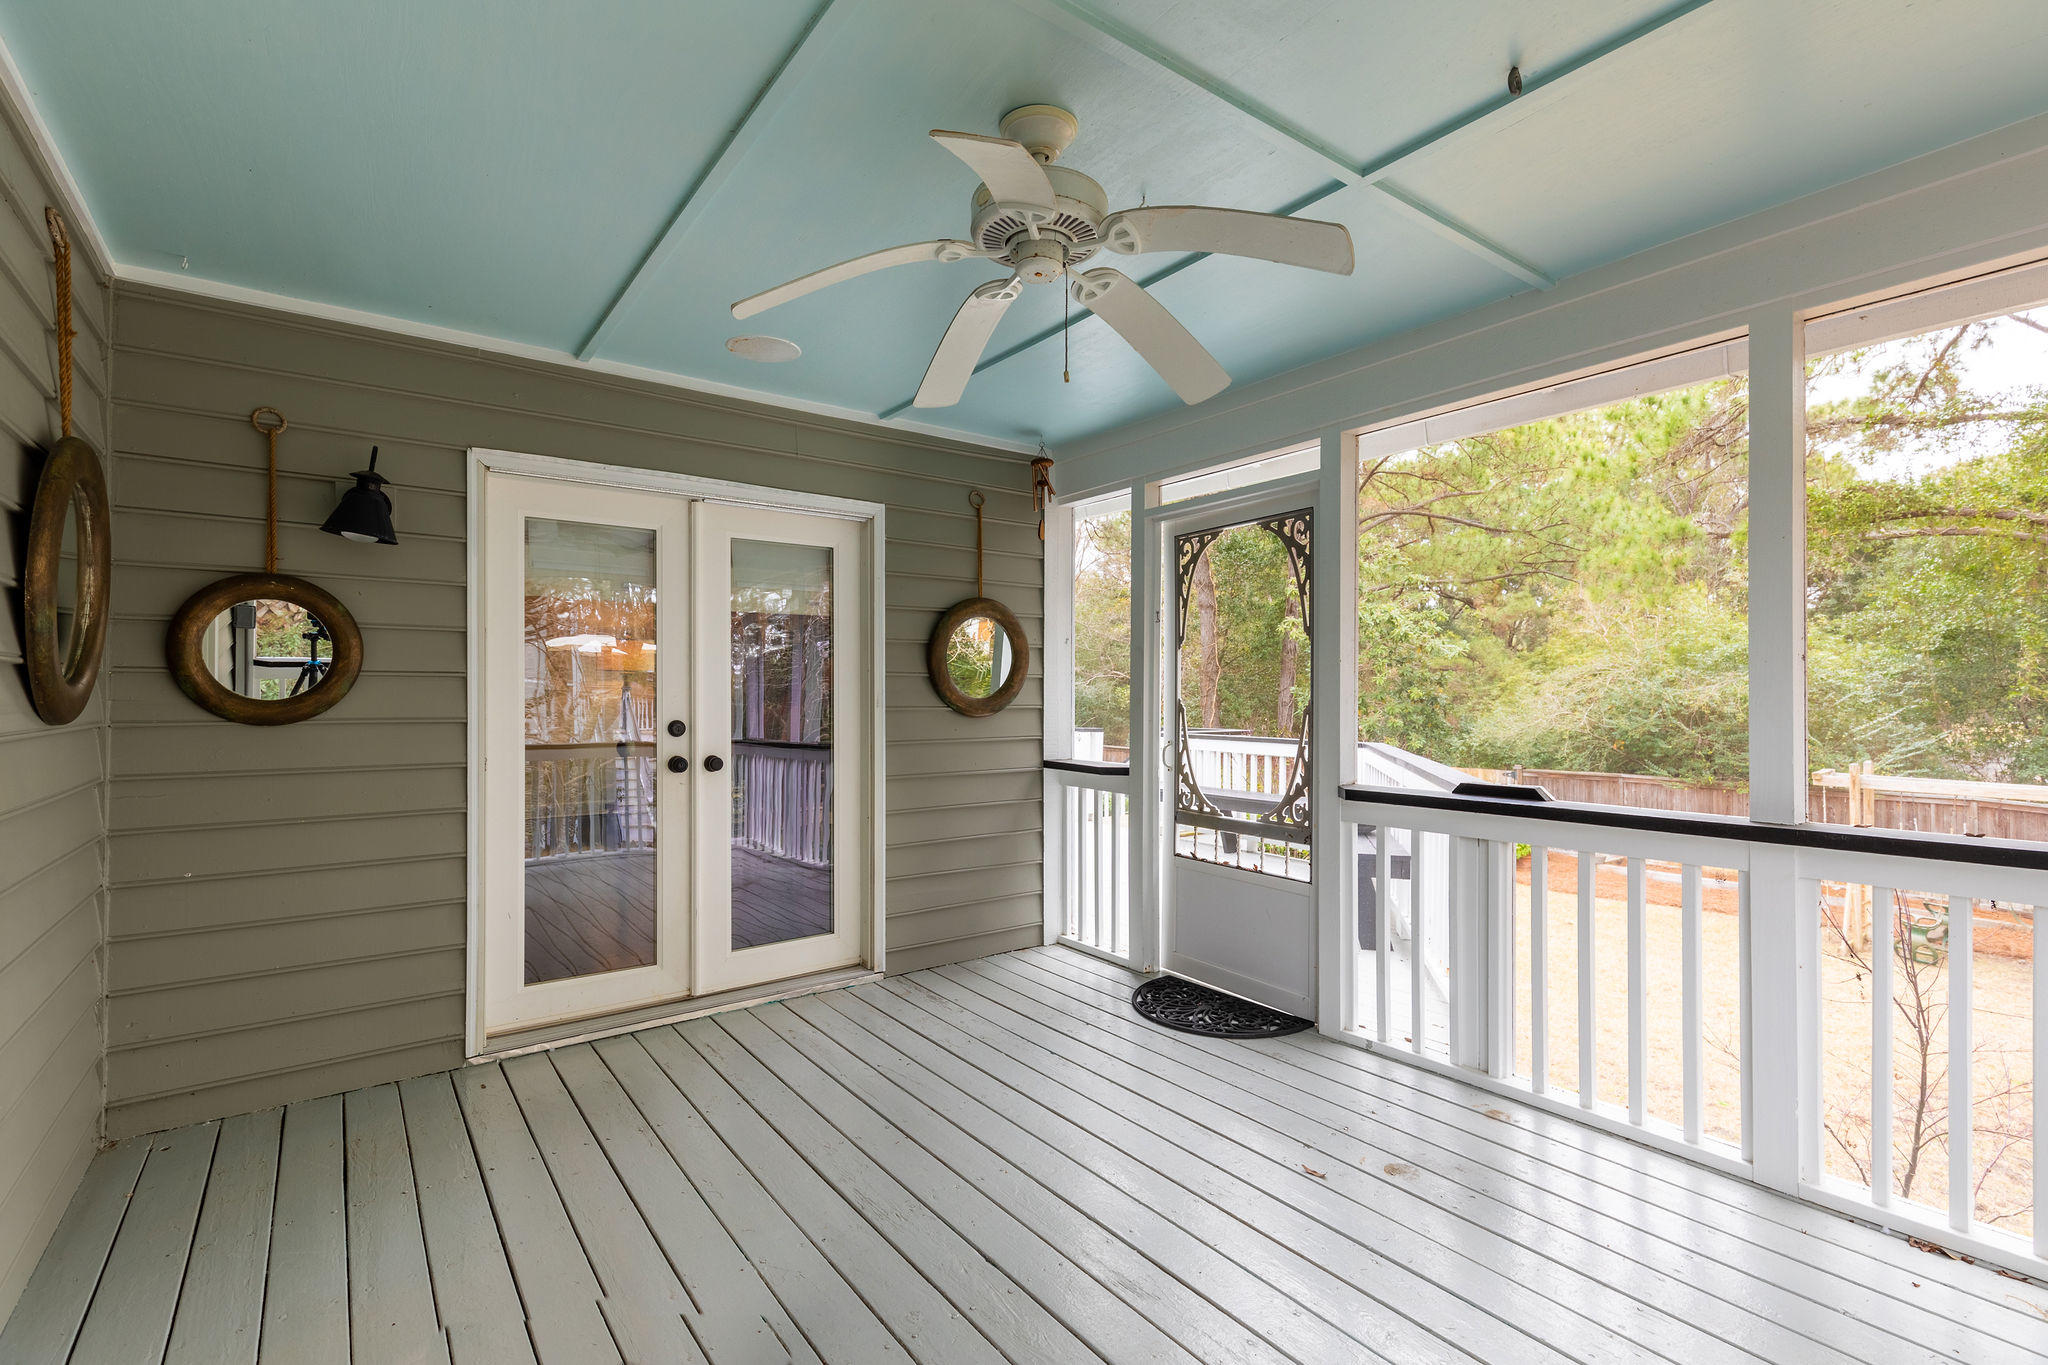 Oakhaven Plantation Homes For Sale - 1484 Pine Island View, Mount Pleasant, SC - 0